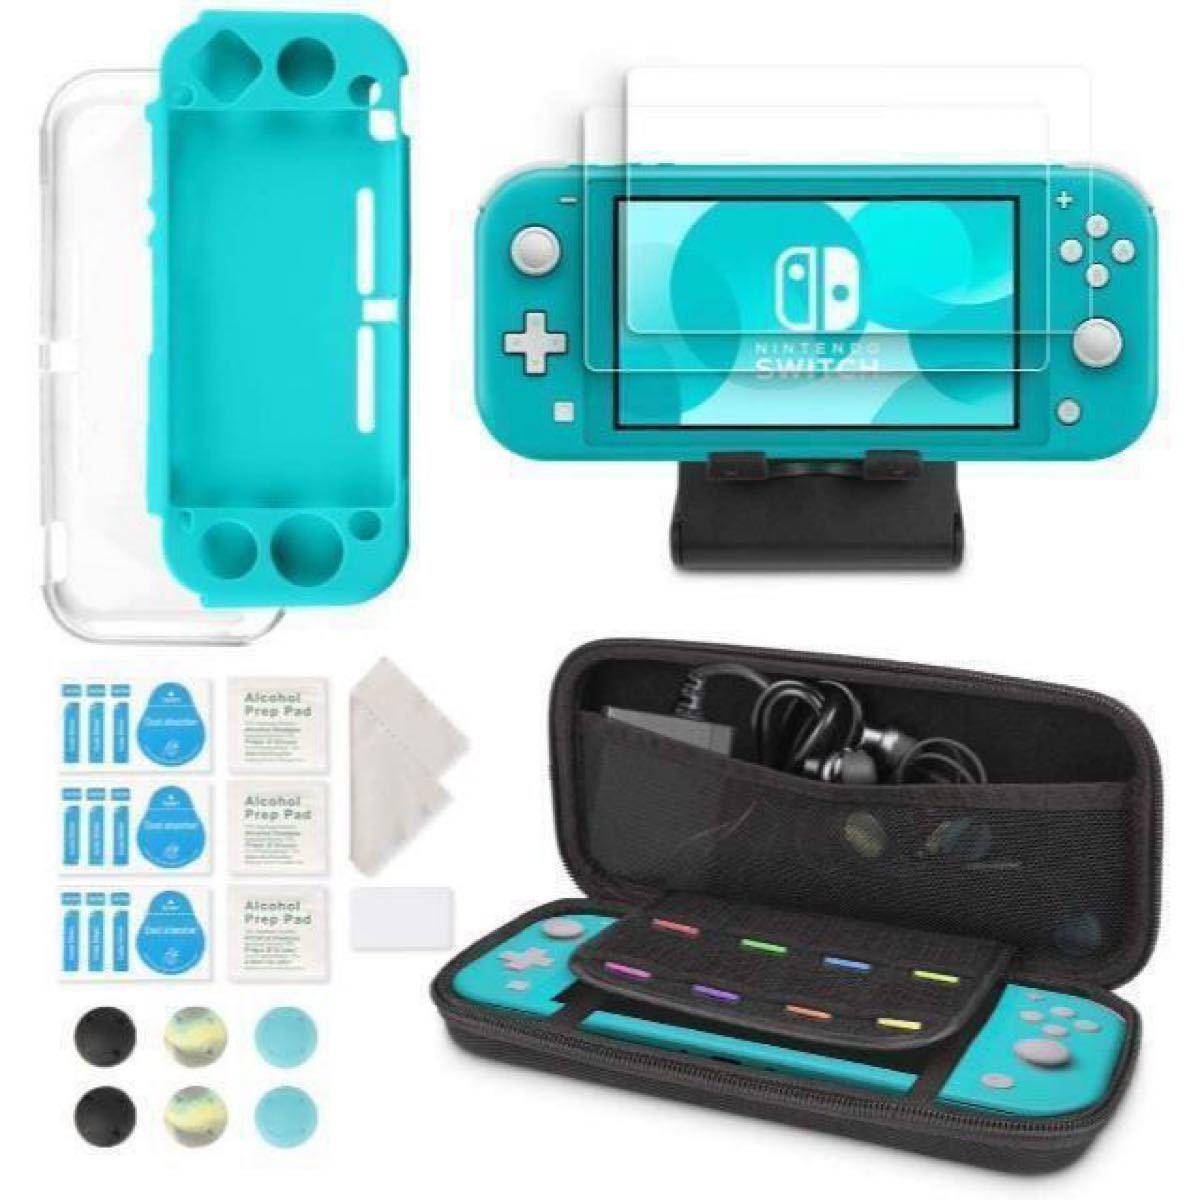 Nintendo Switch 保護フィルム ニンテンドースイッチ